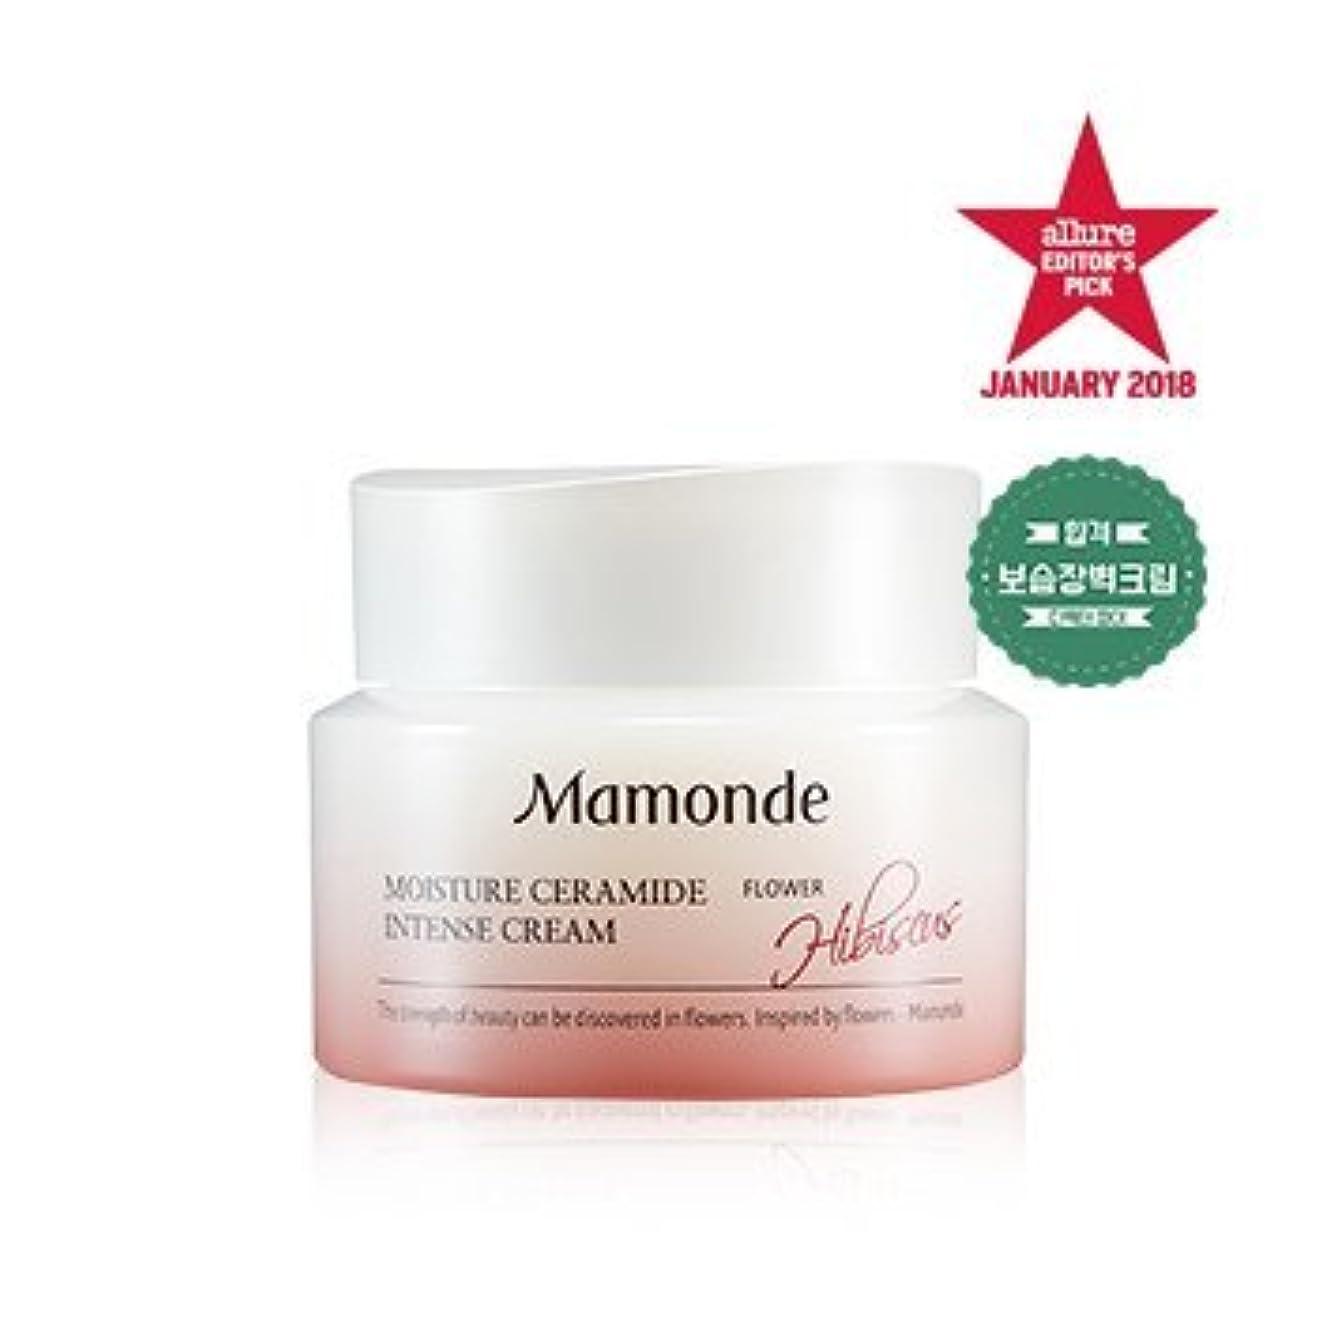 連合州神秘的な[MAMONDE] モイスチャーセラミドインテンシブクリーム / Moisture Ceramide Intense cream 50ml [並行輸入品]